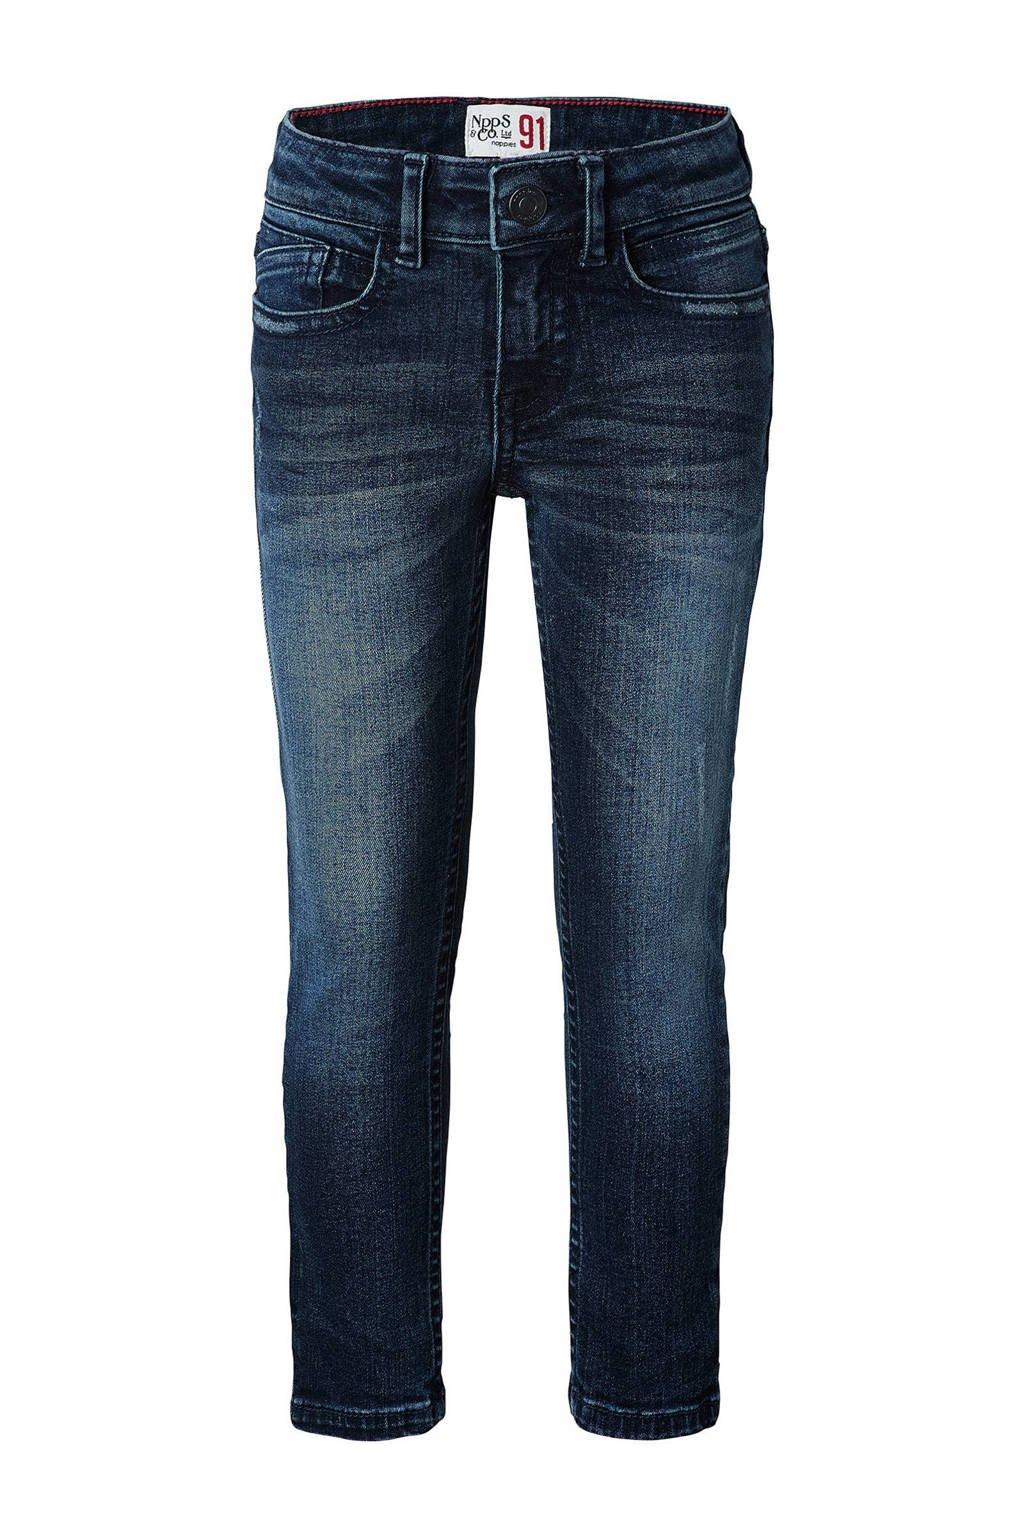 Noppies slim fit jeans Bathurst dark denim, Dark denim